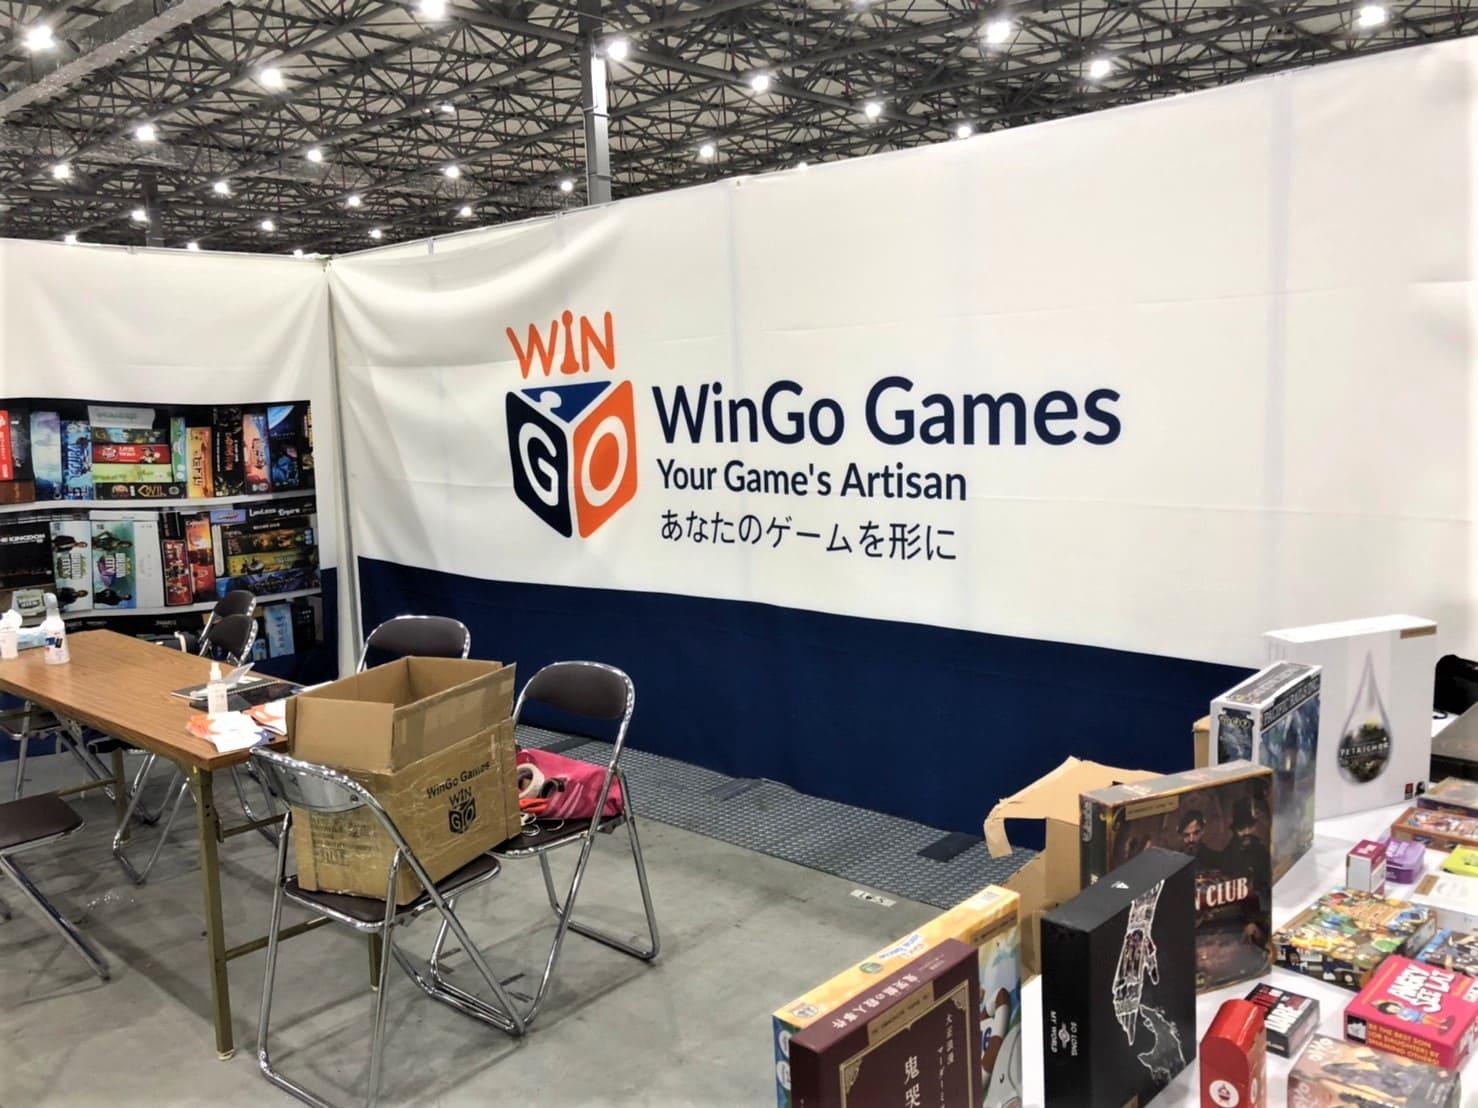 ゲームマーケット2020秋「WinGo Games」のブース